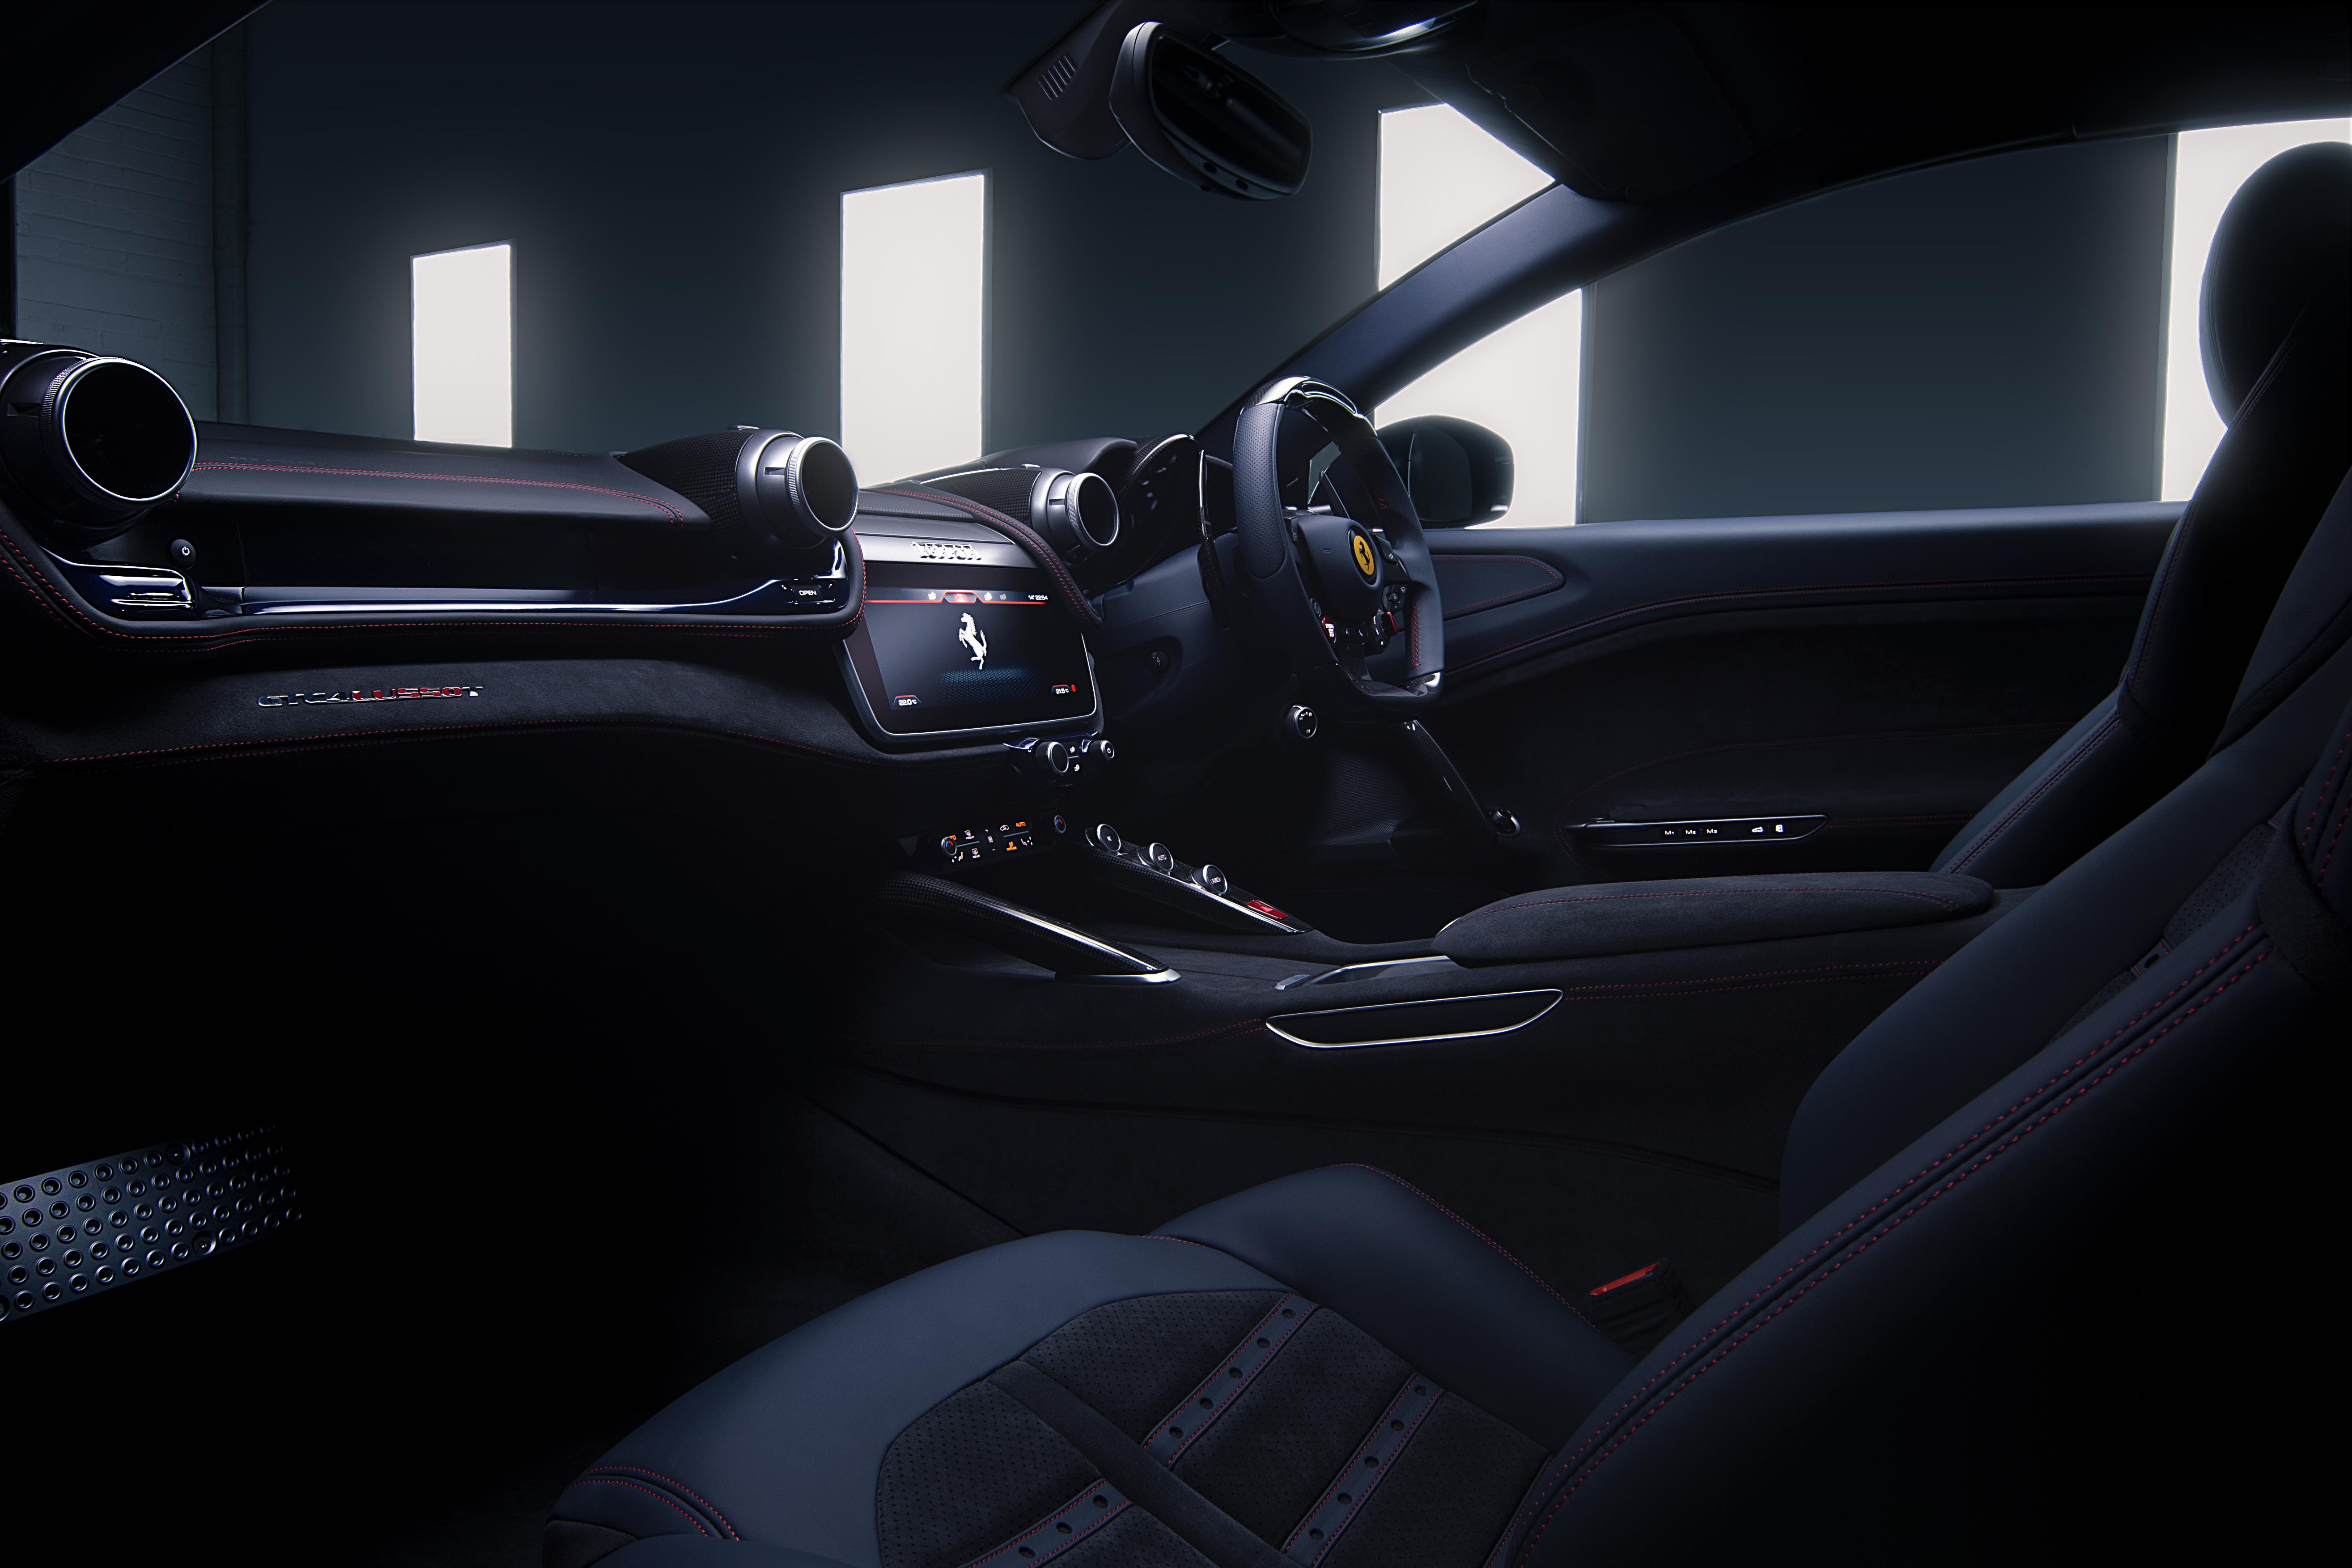 Ferrari GTC Lusso